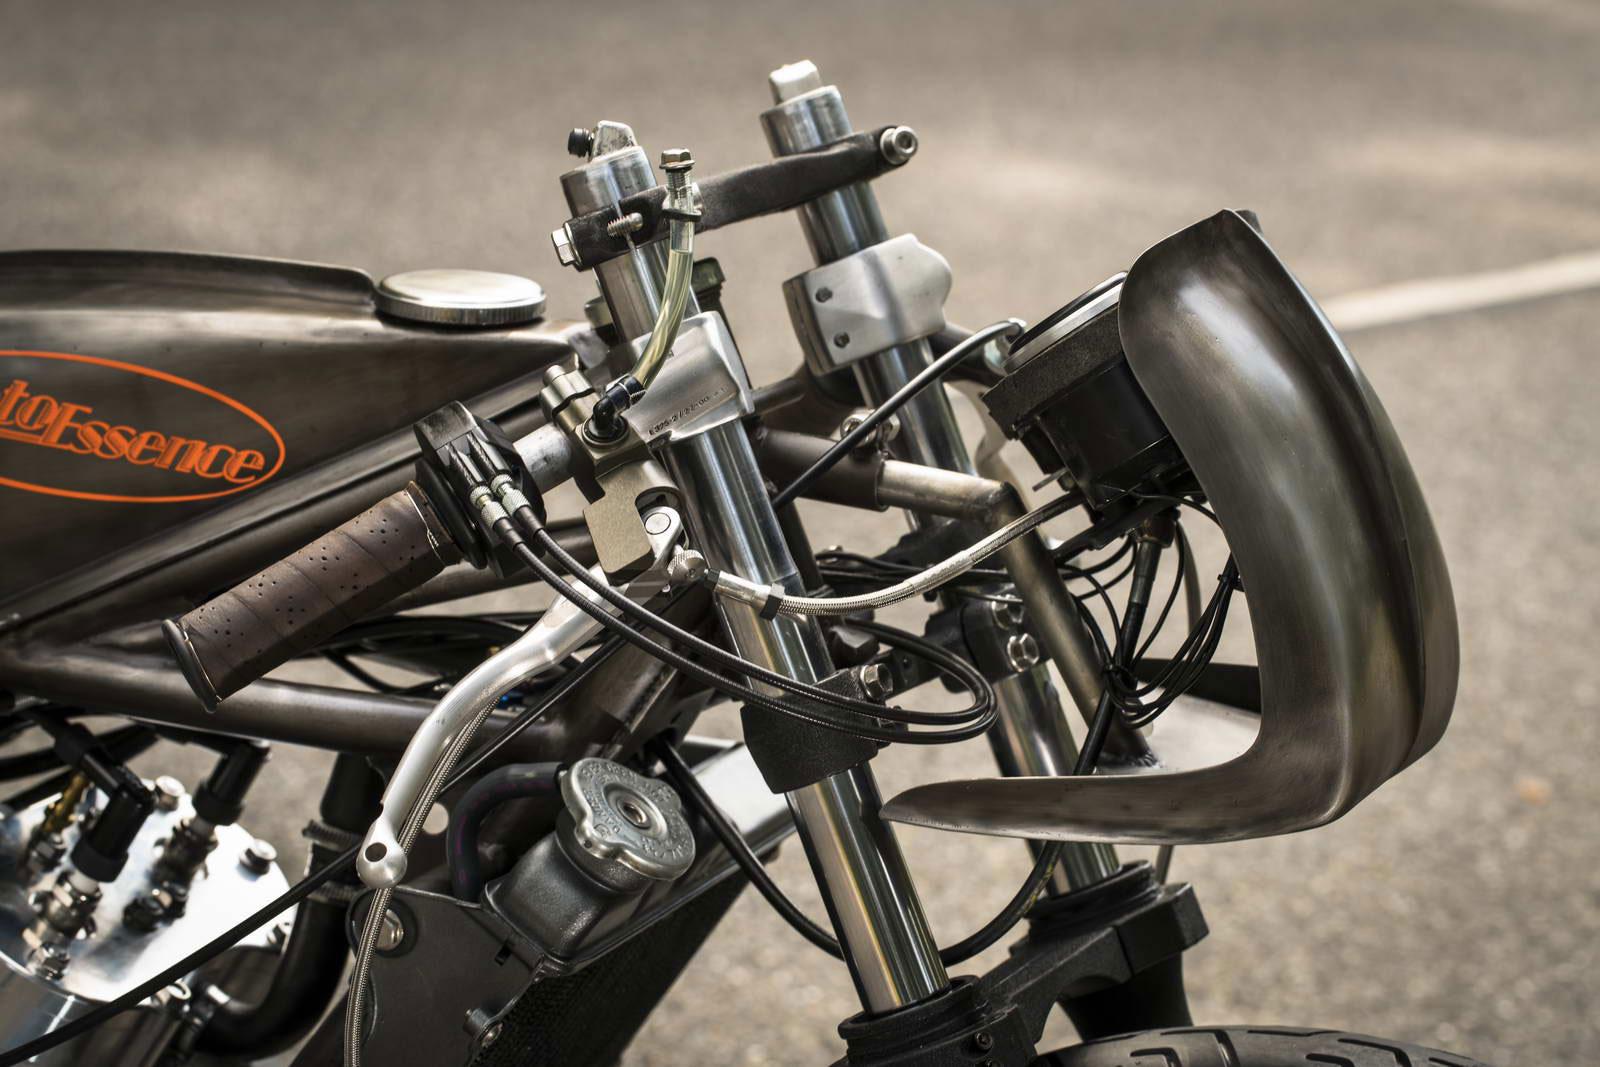 moto essence tz 350. Black Bedroom Furniture Sets. Home Design Ideas